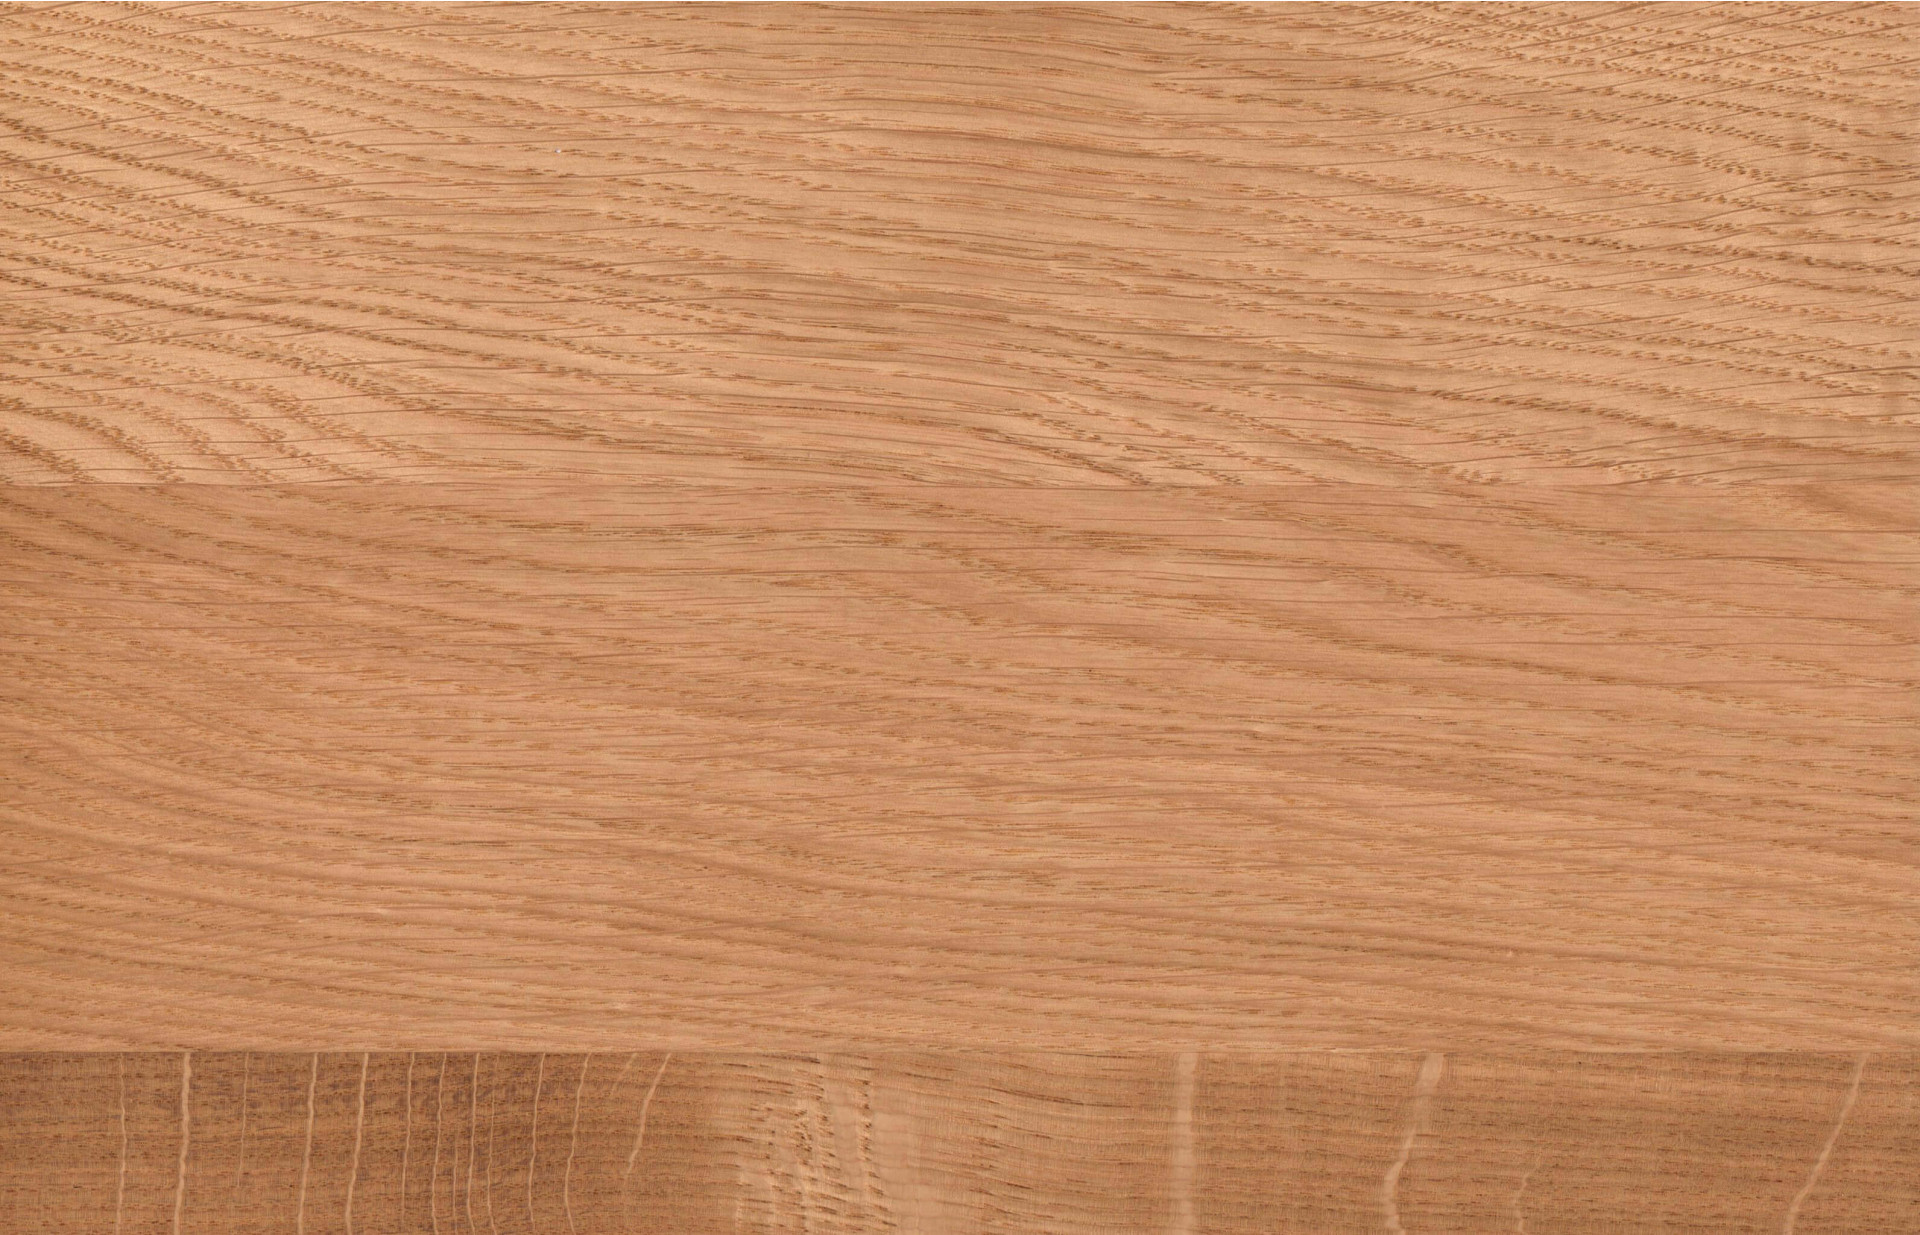 Holzmuster in Eiche natur geölt